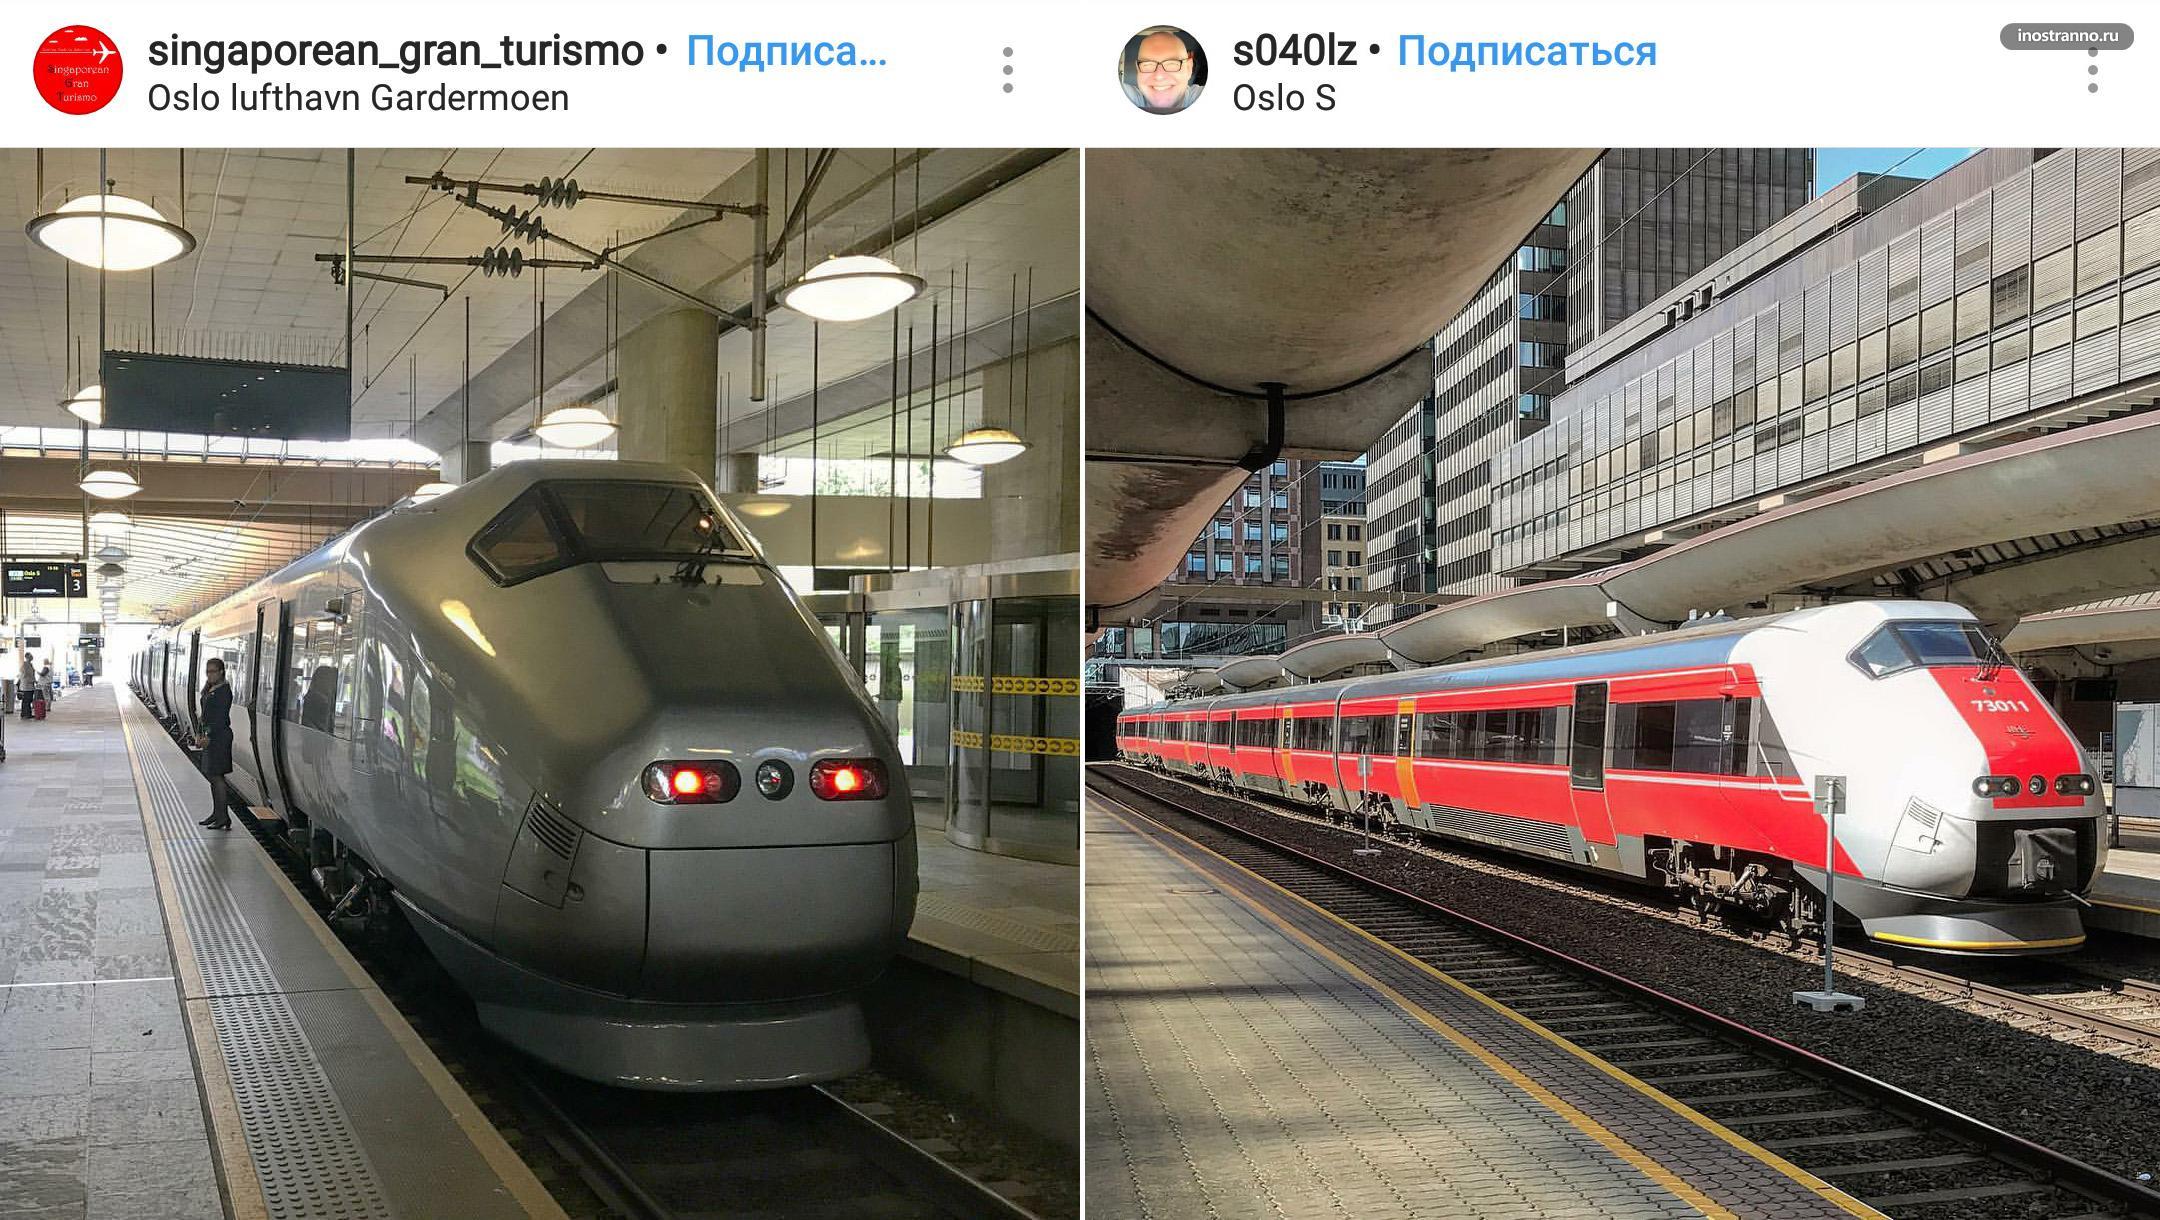 Поезд в Осло